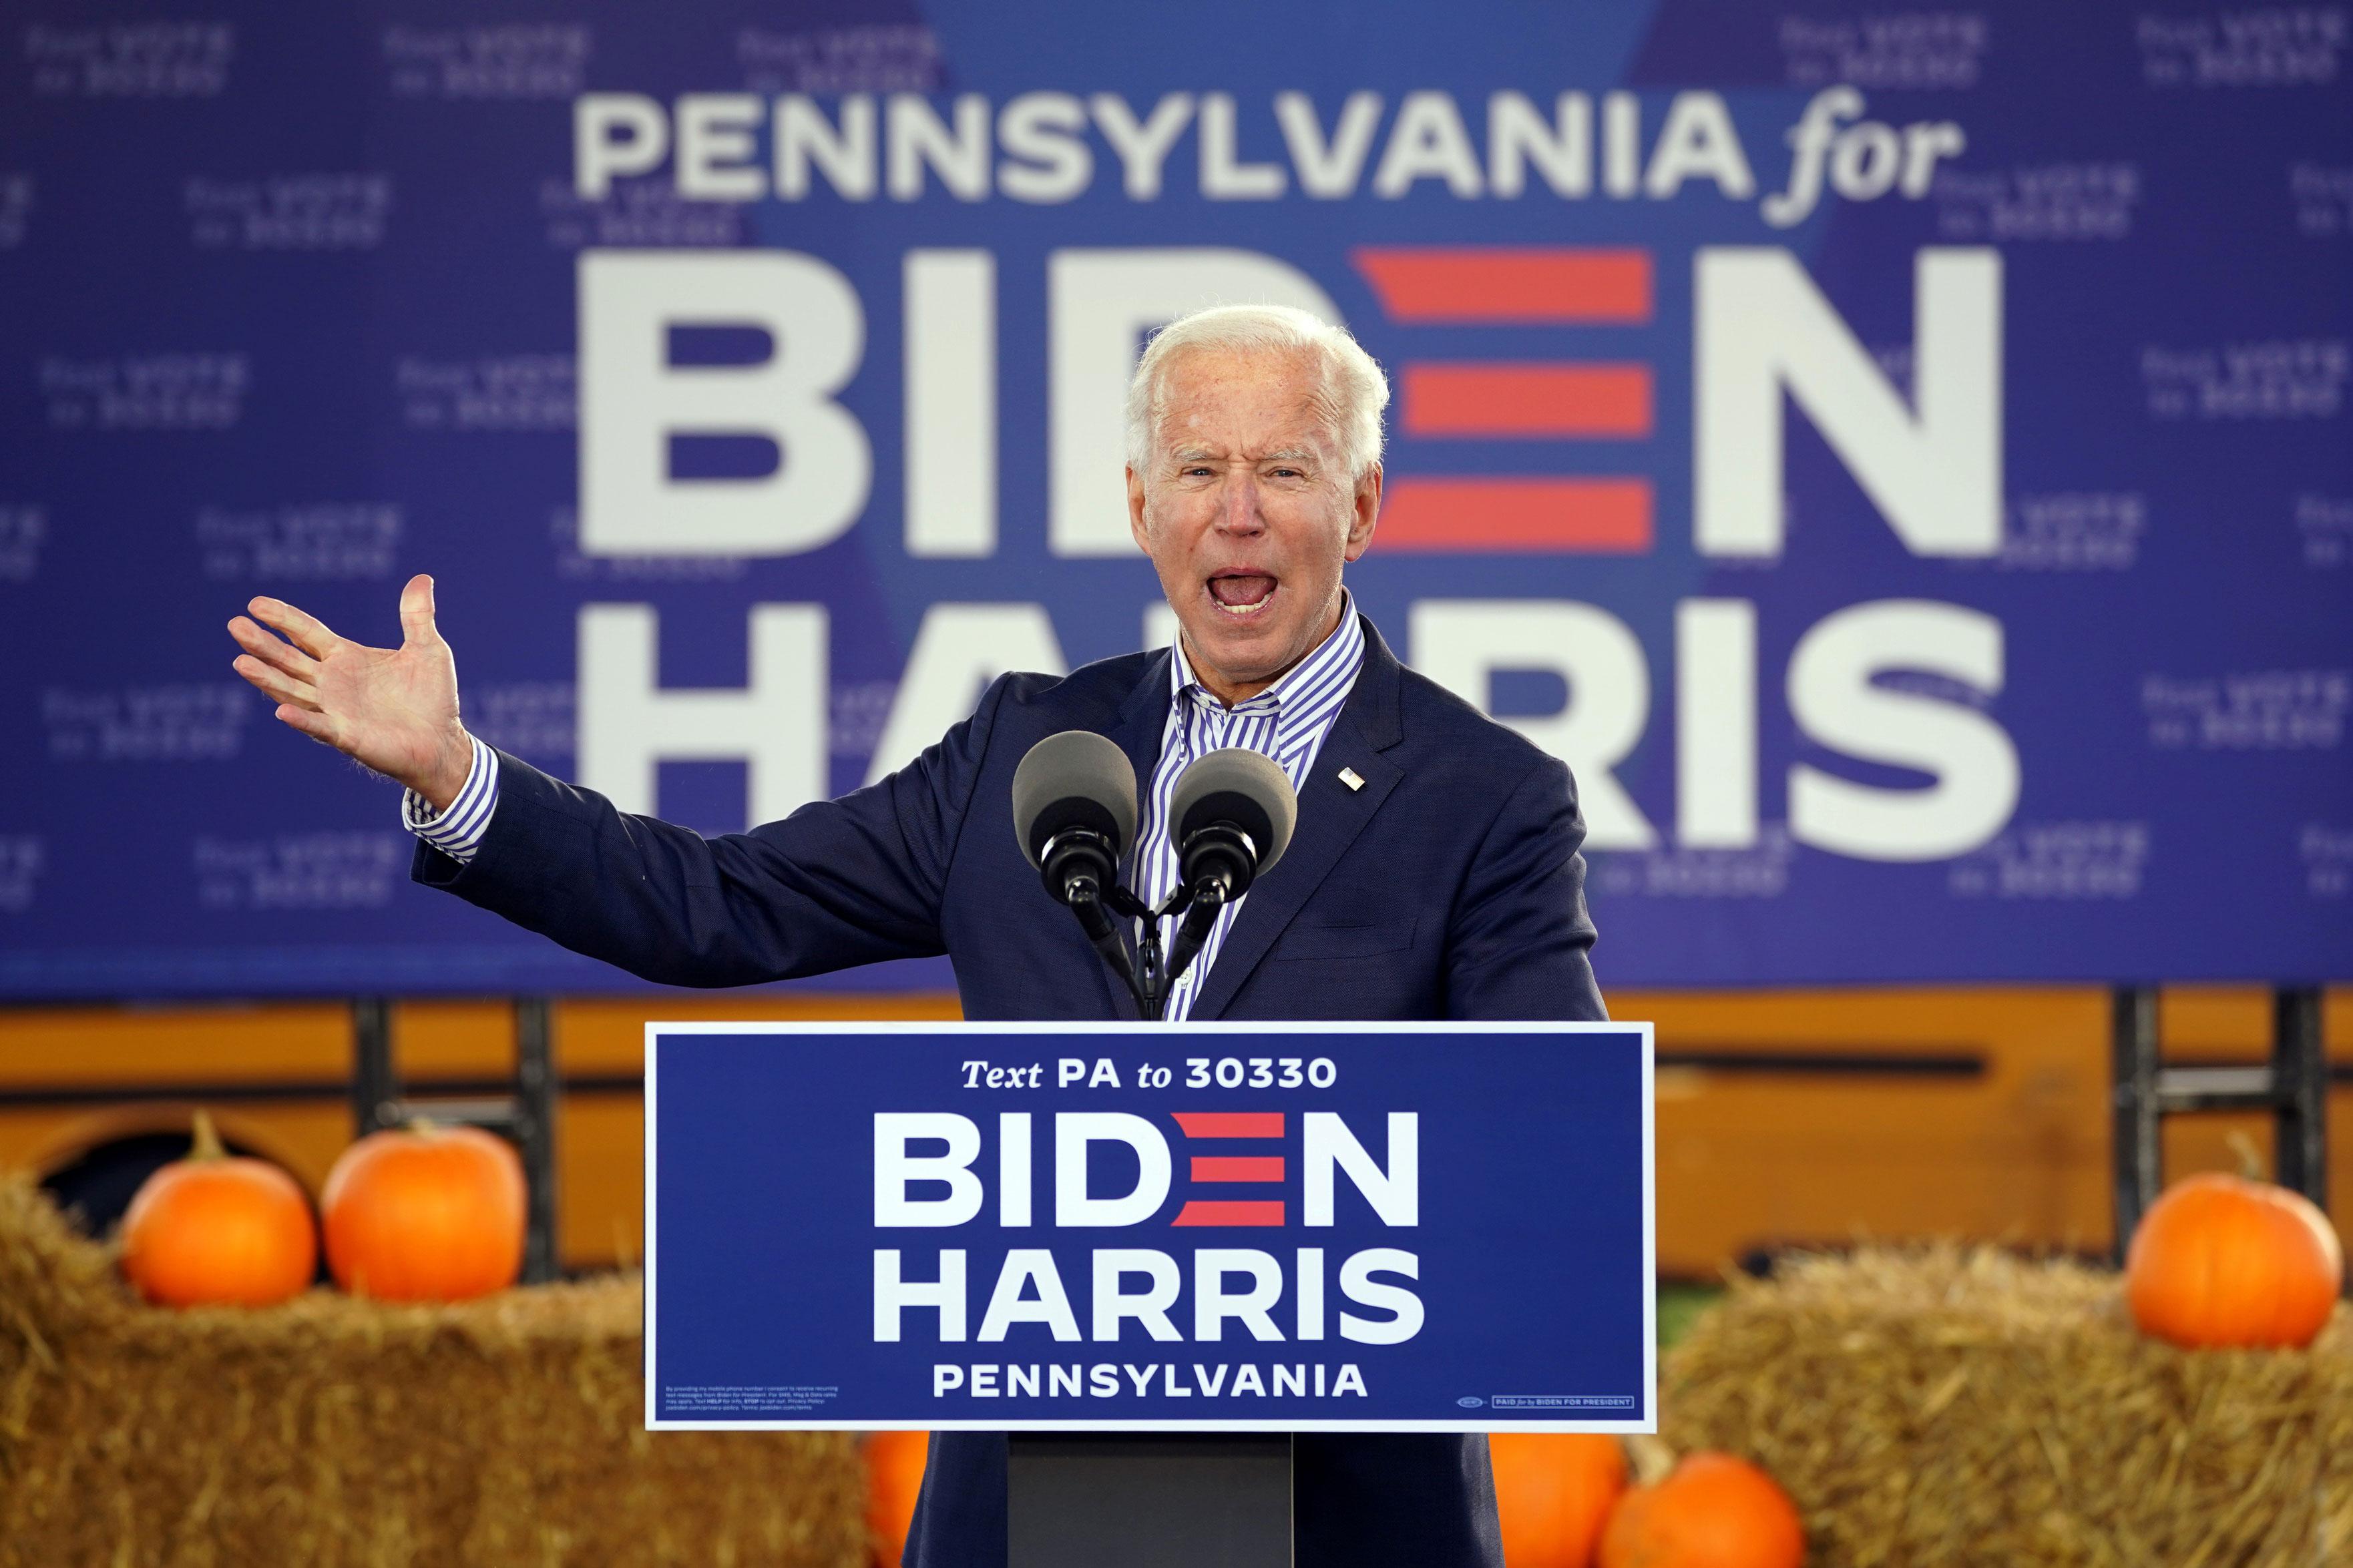 Joe Biden durante evento de campanha no estado da Pensilvânia, nos EUA